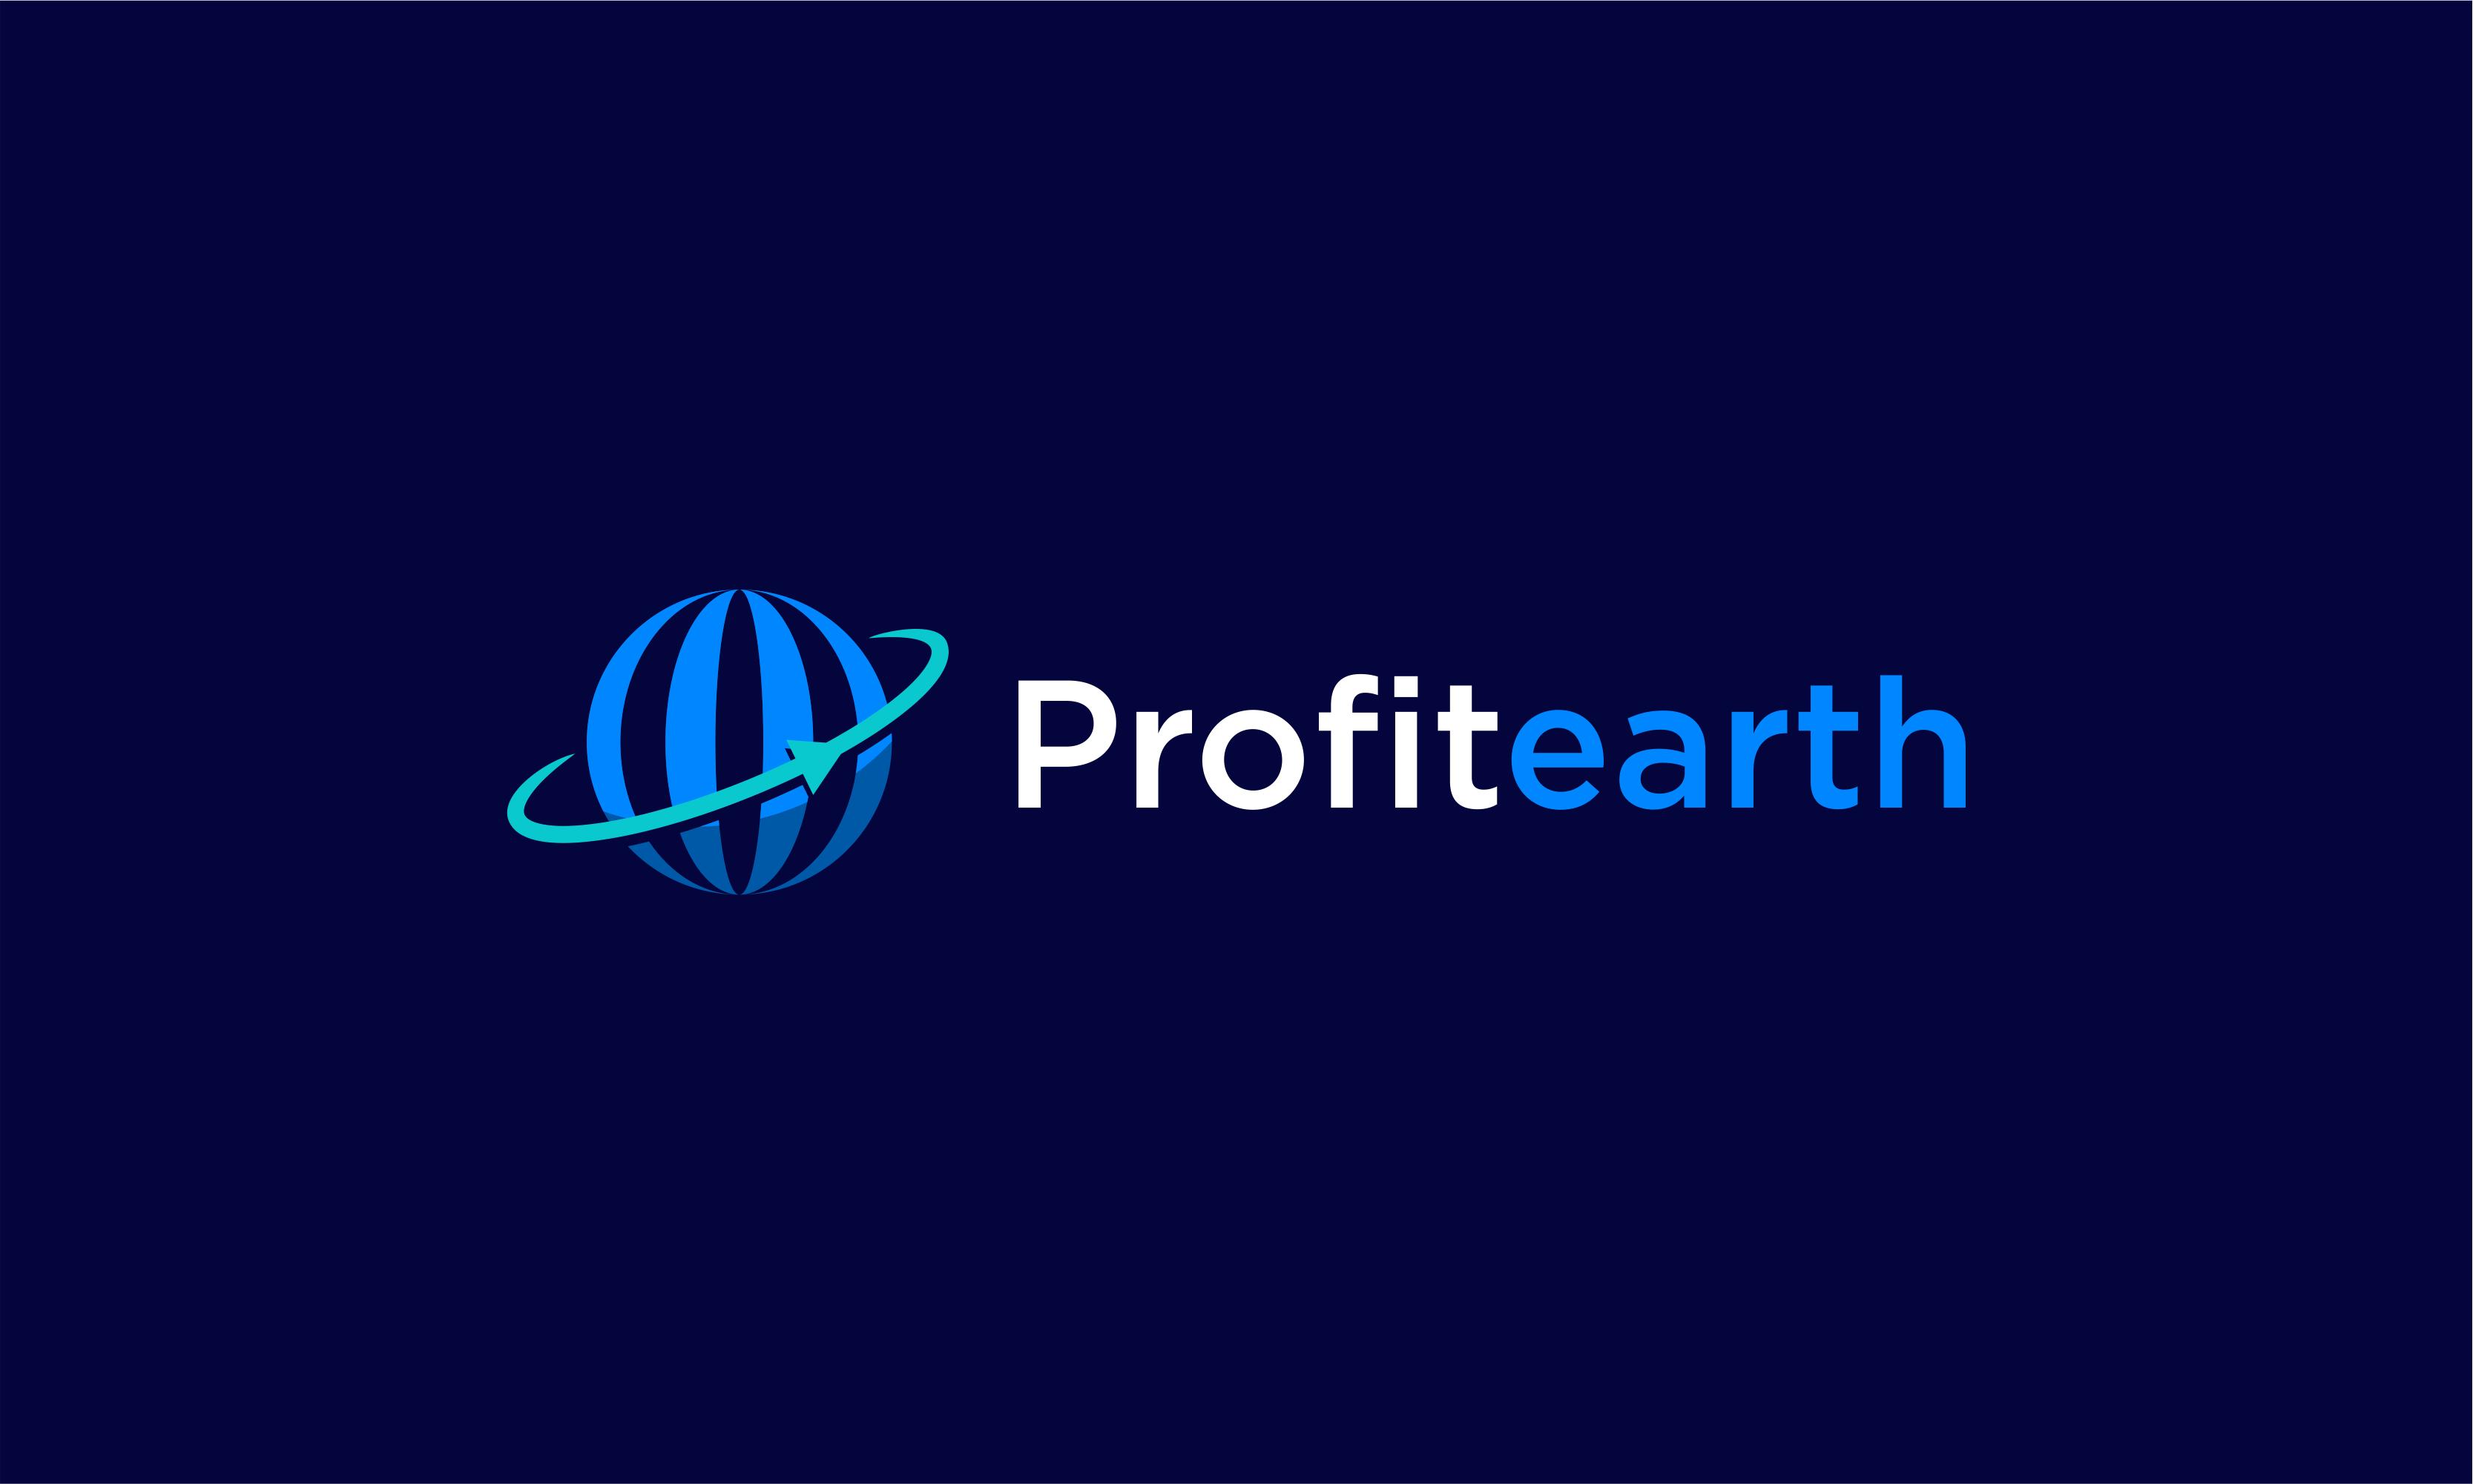 Profitearth